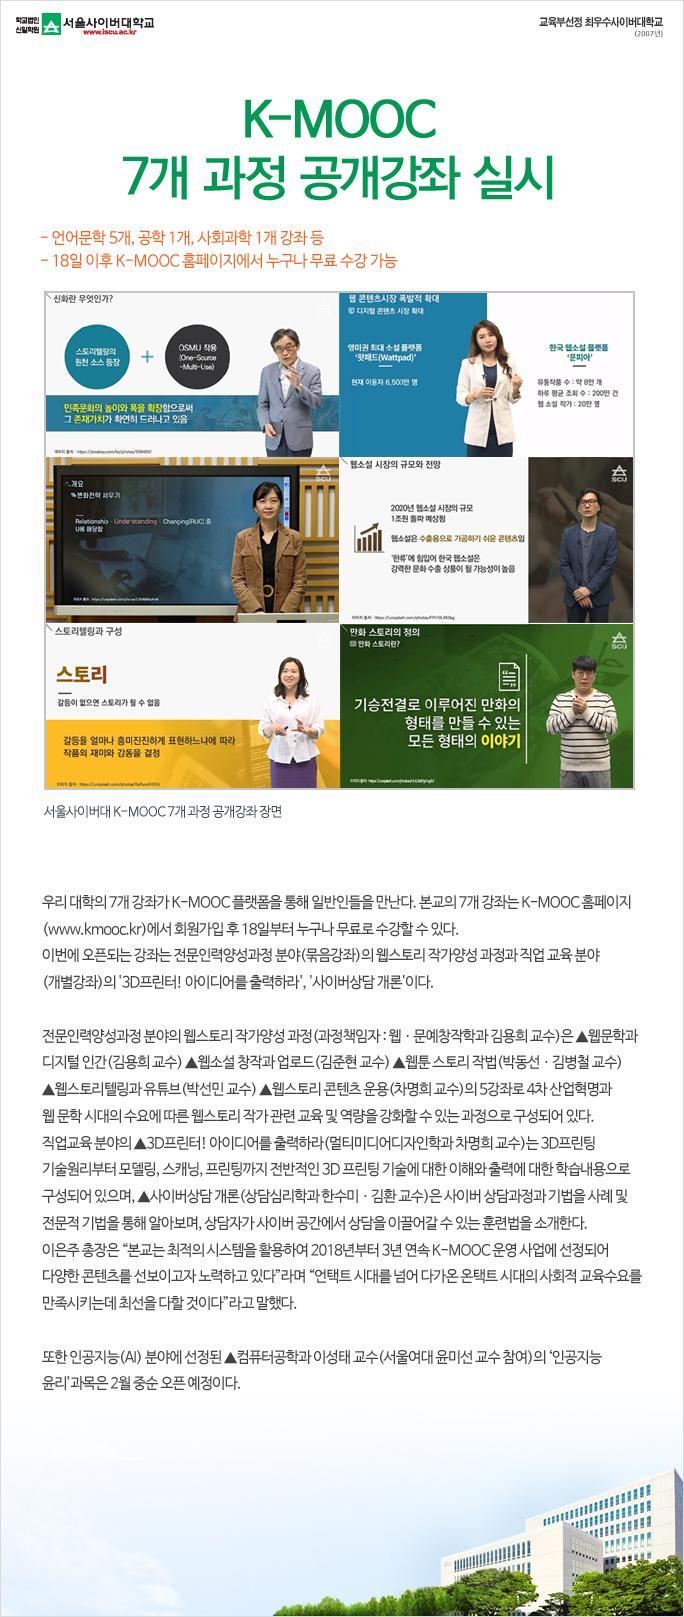 K-MOOC 7개 과정 공개강좌 실시